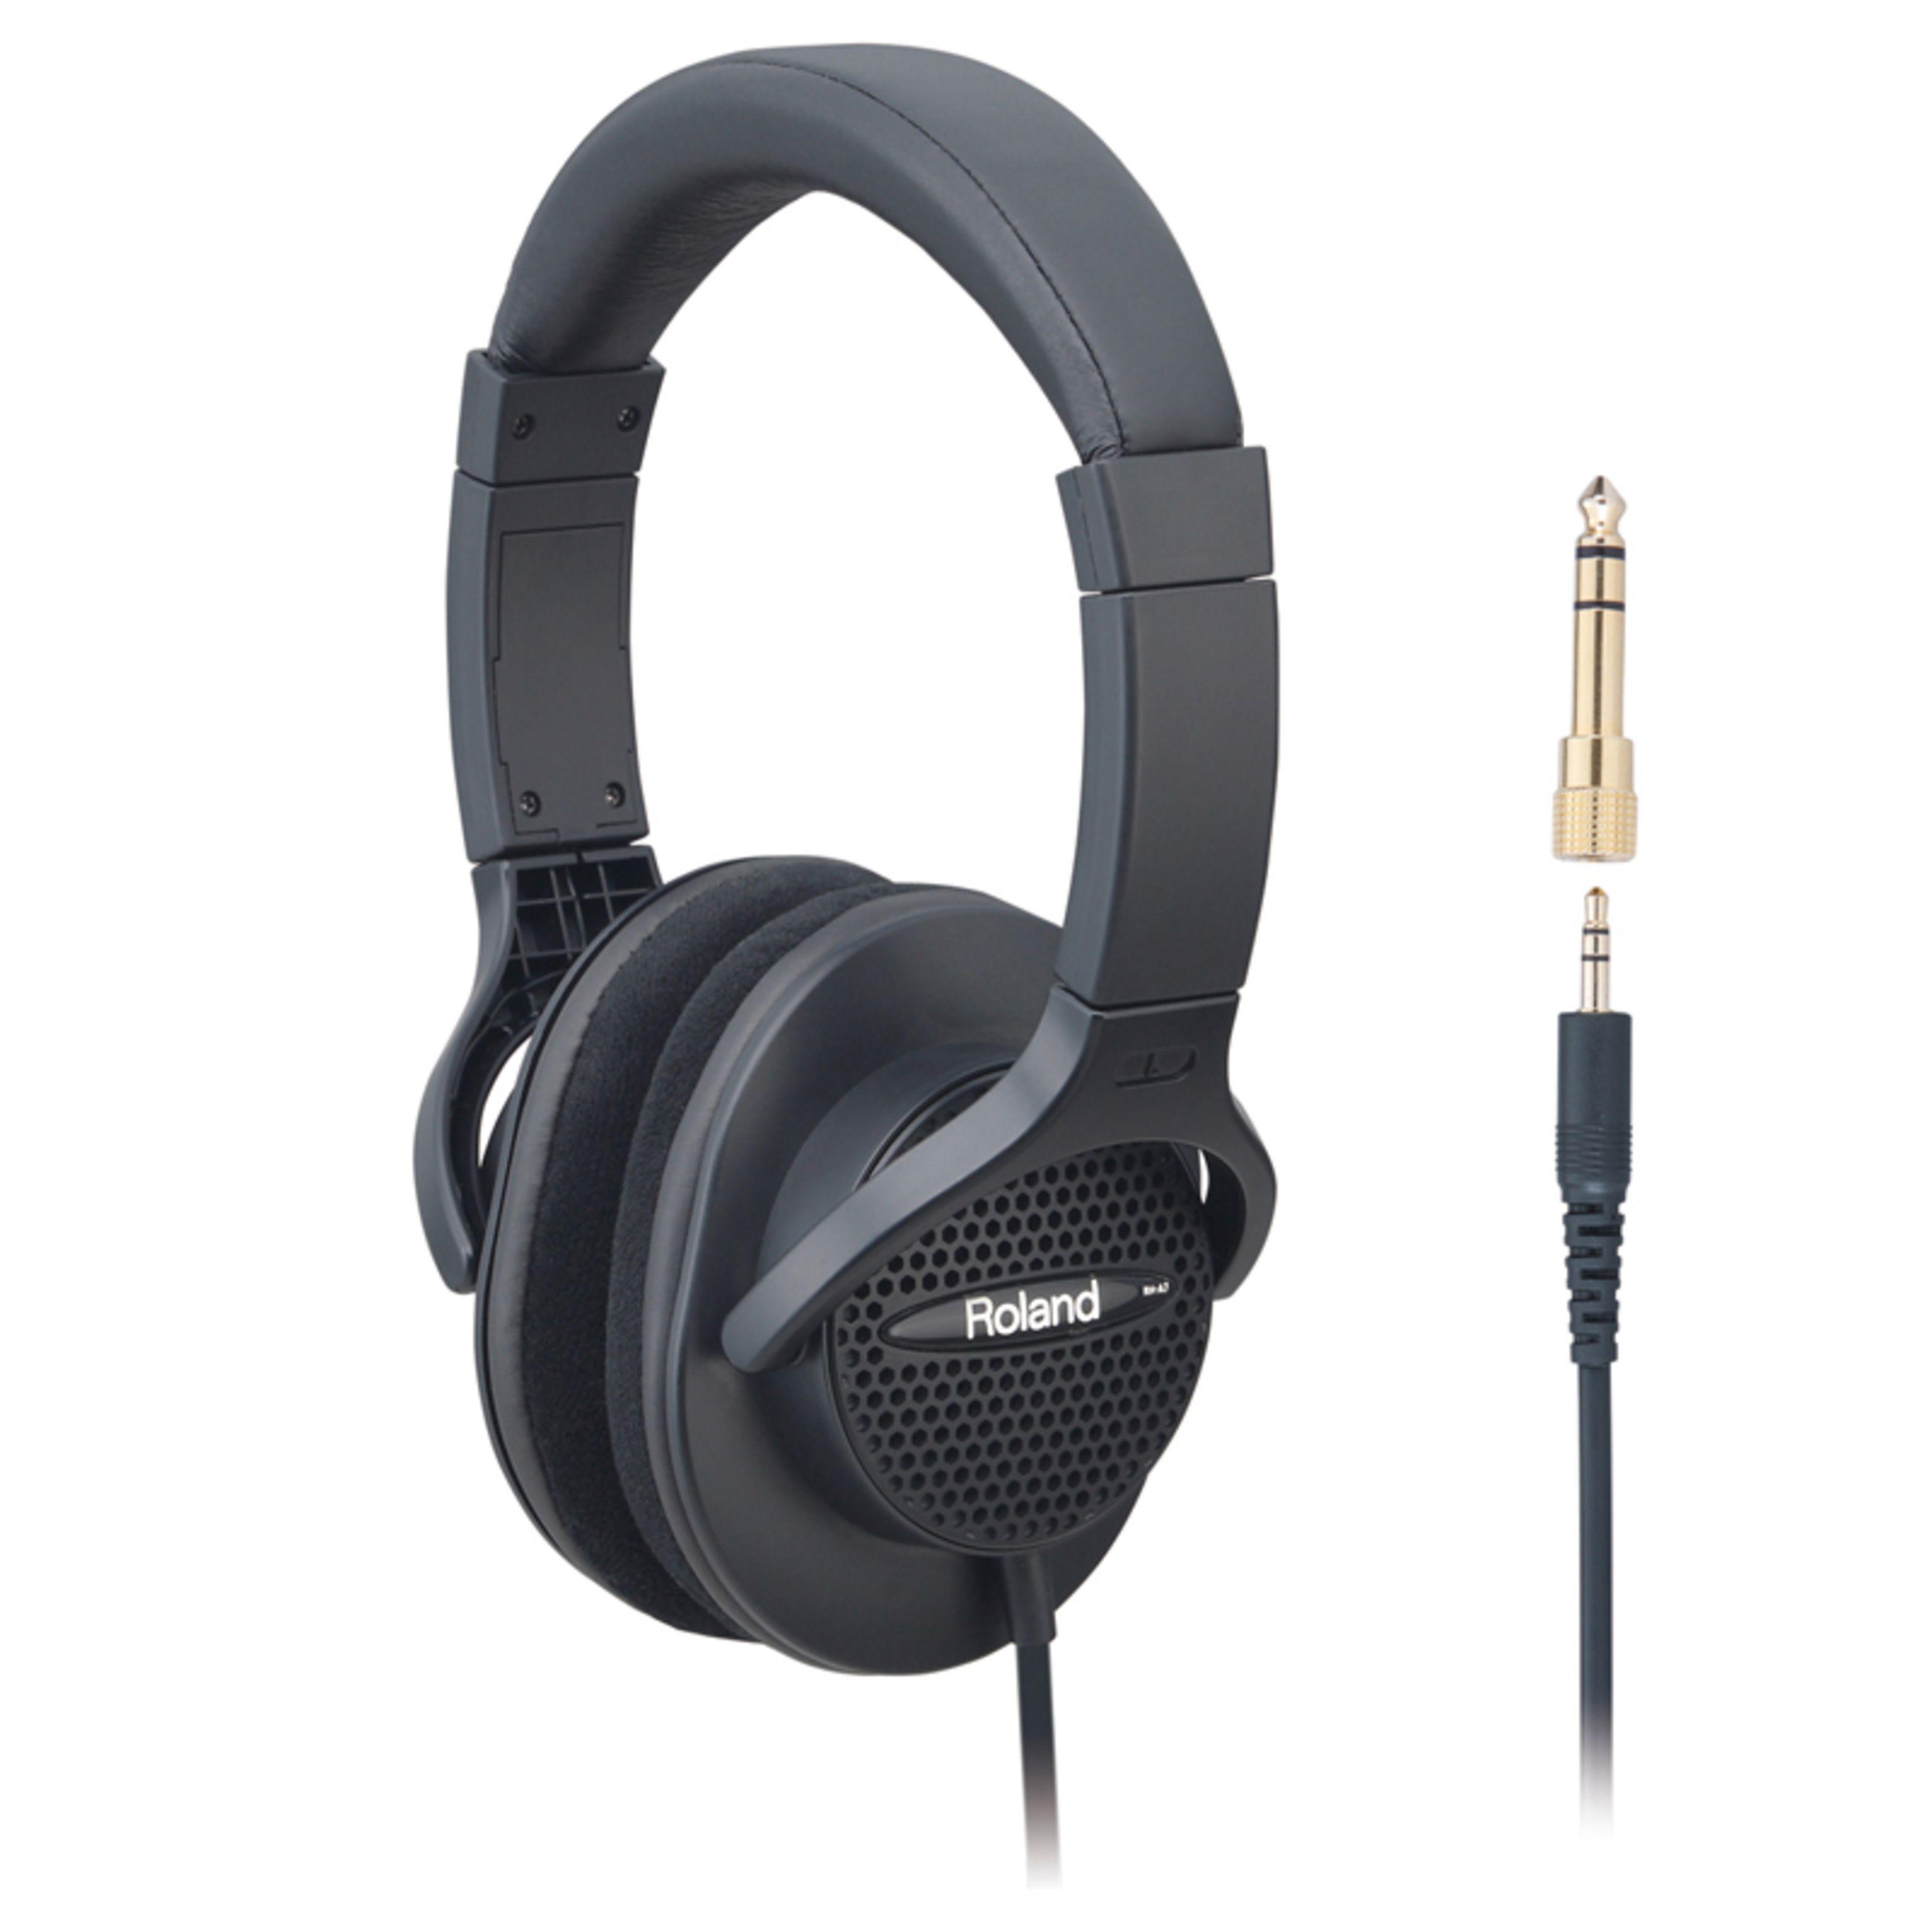 Roland - RH-A7 BK Halboffener Kopfhörer schwarz RH-A7-BK